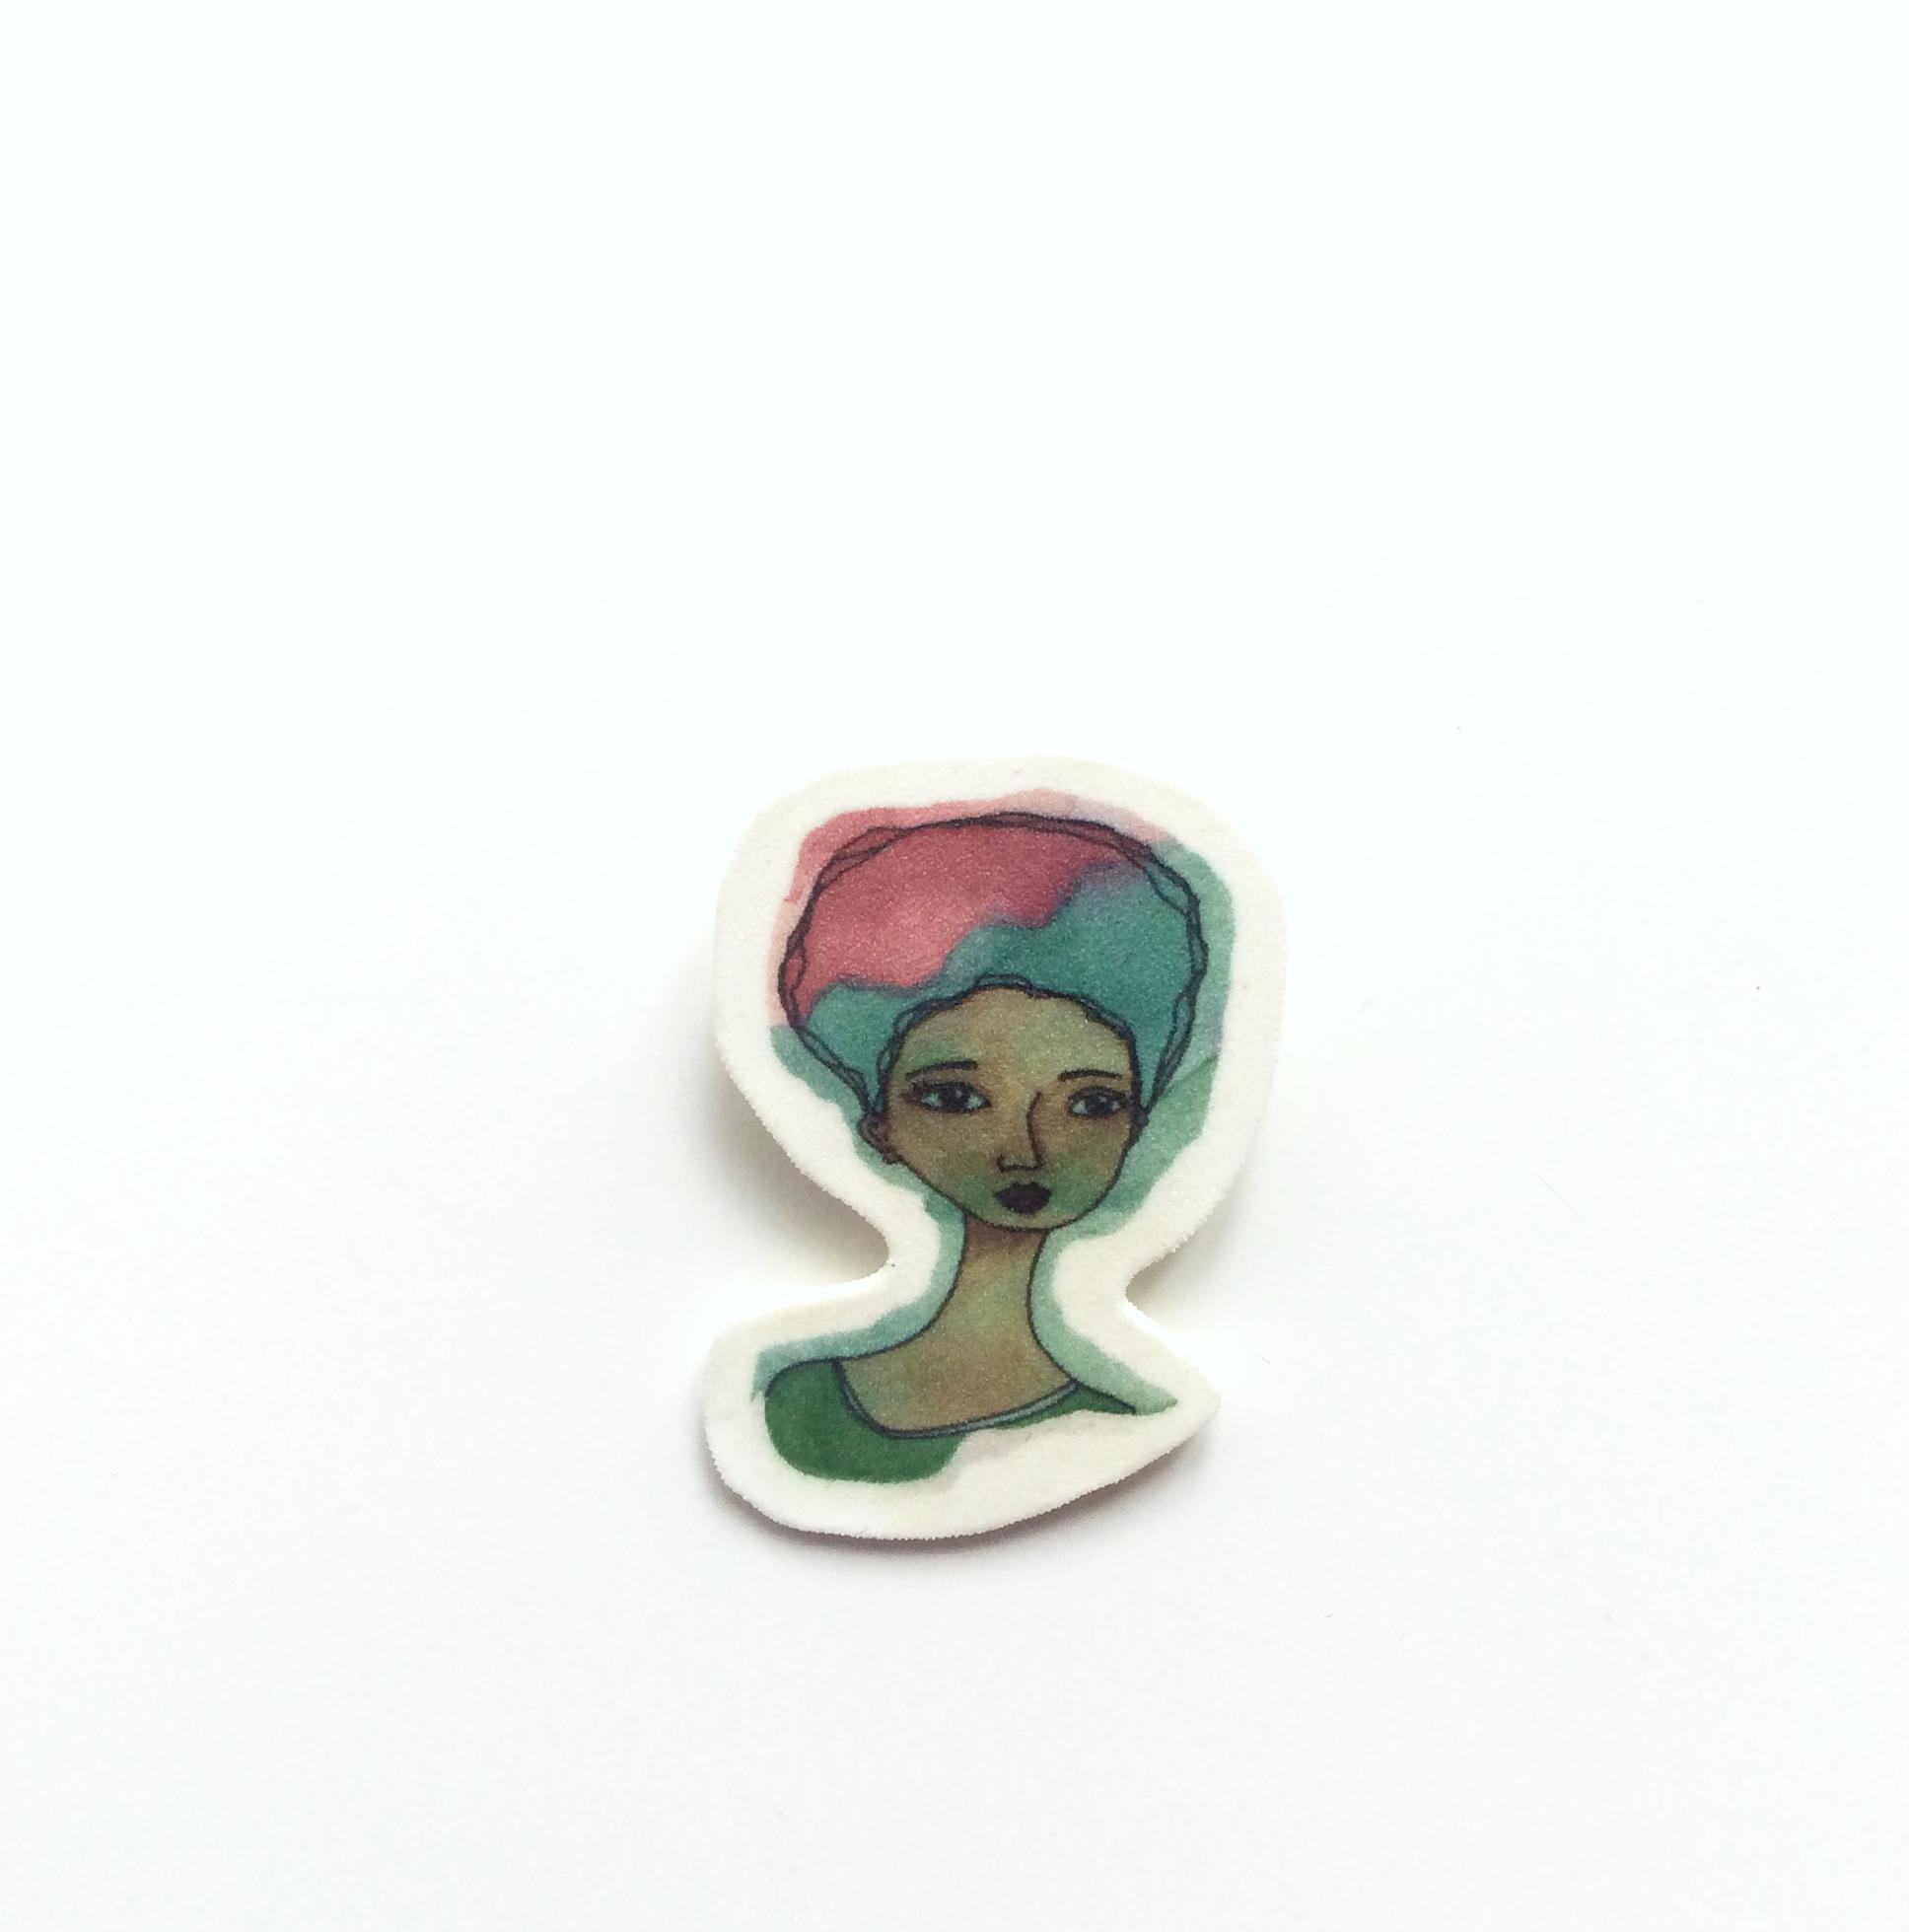 Small Handmade Afrocentric Brooch 'Faith'